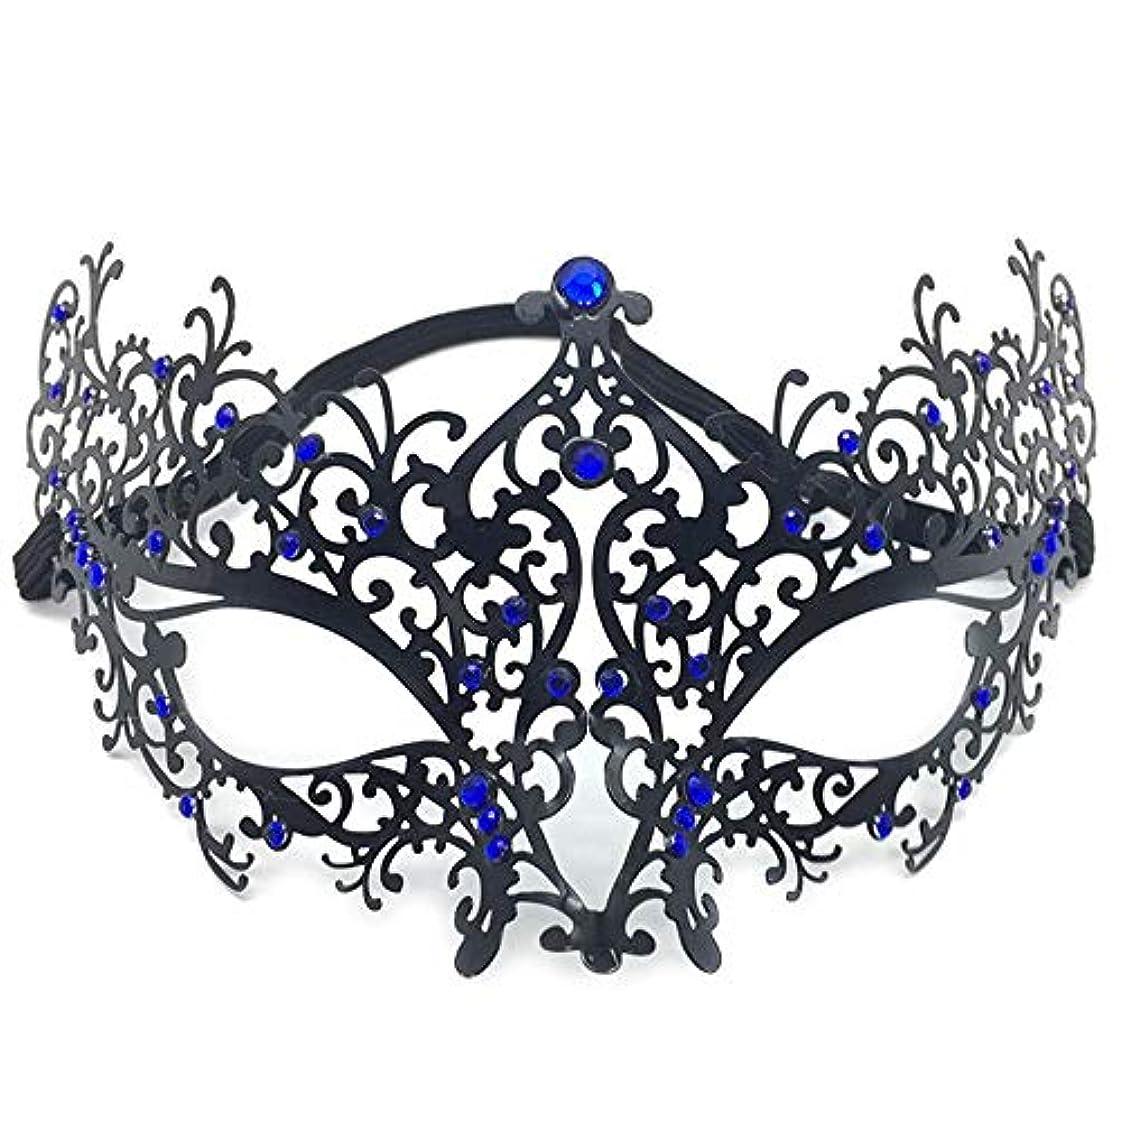 羊のペンダント担保仮面舞踏会アイアンマスクパーティーCOSはメタリックダイヤモンドハーフフェイスハロウィンアイアンマスクをドレスアップ (Color : B)